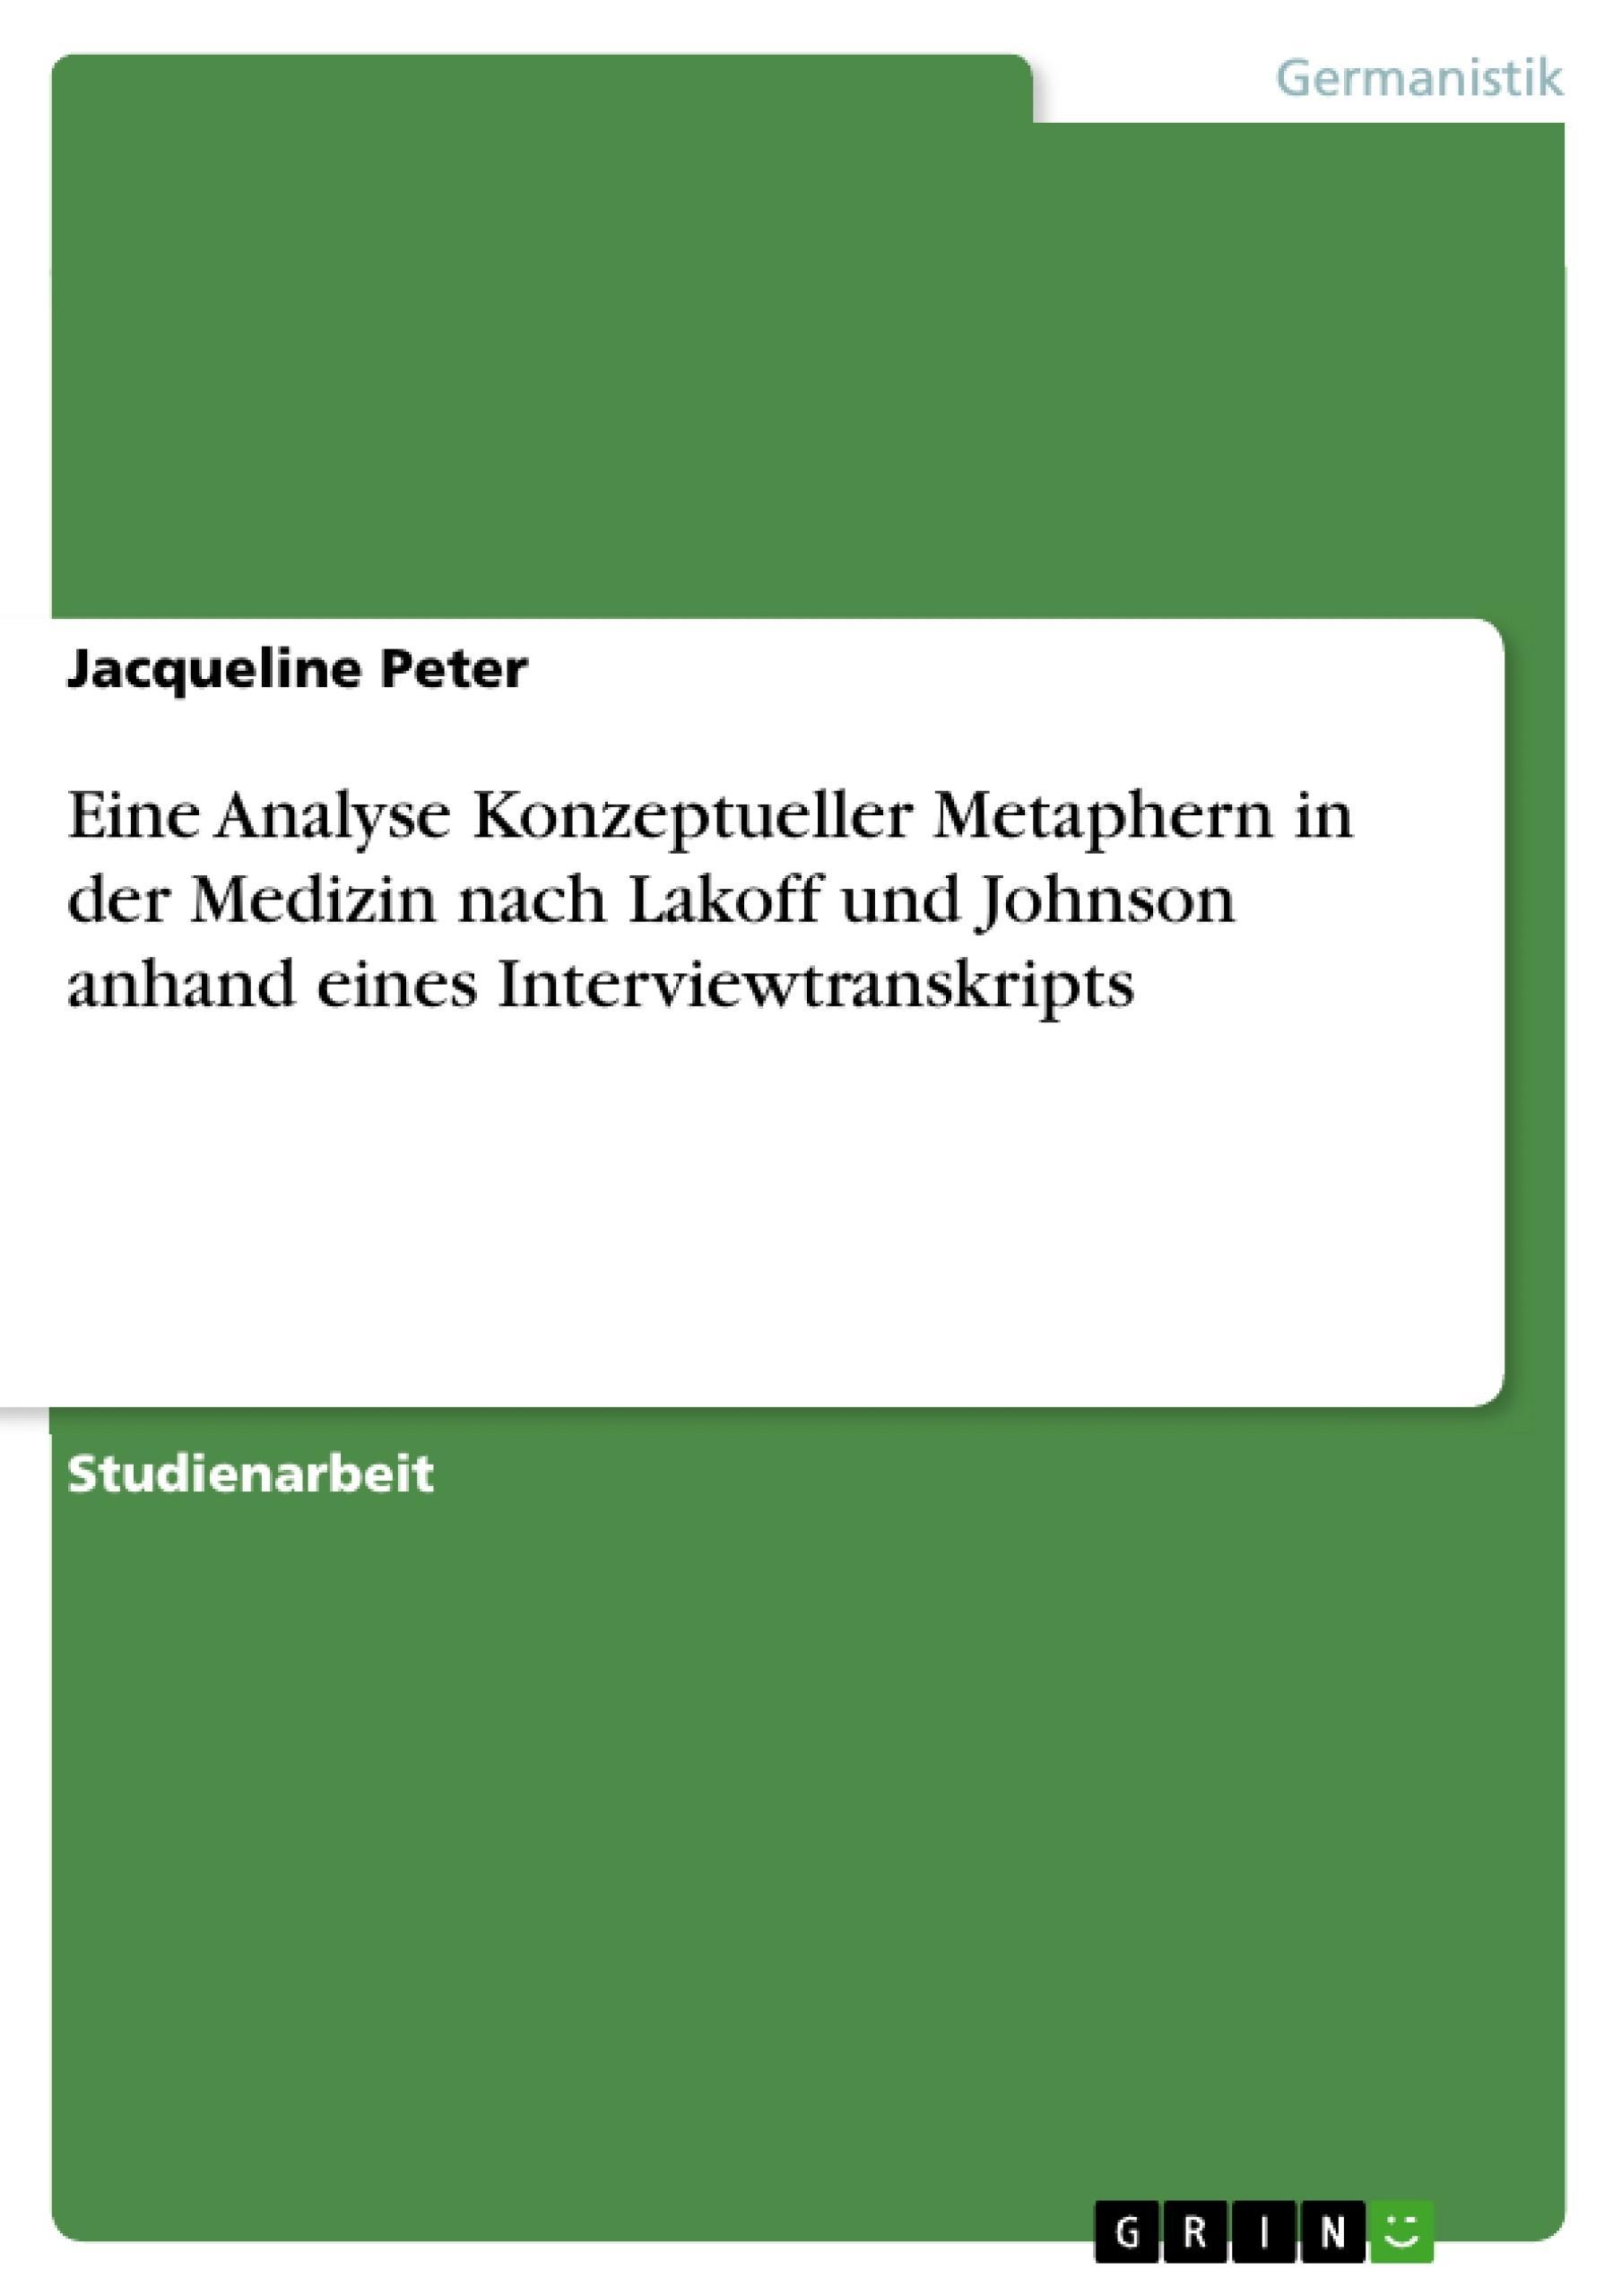 Titel: Eine Analyse Konzeptueller Metaphern in der Medizin nach Lakoff und Johnson anhand eines Interviewtranskripts